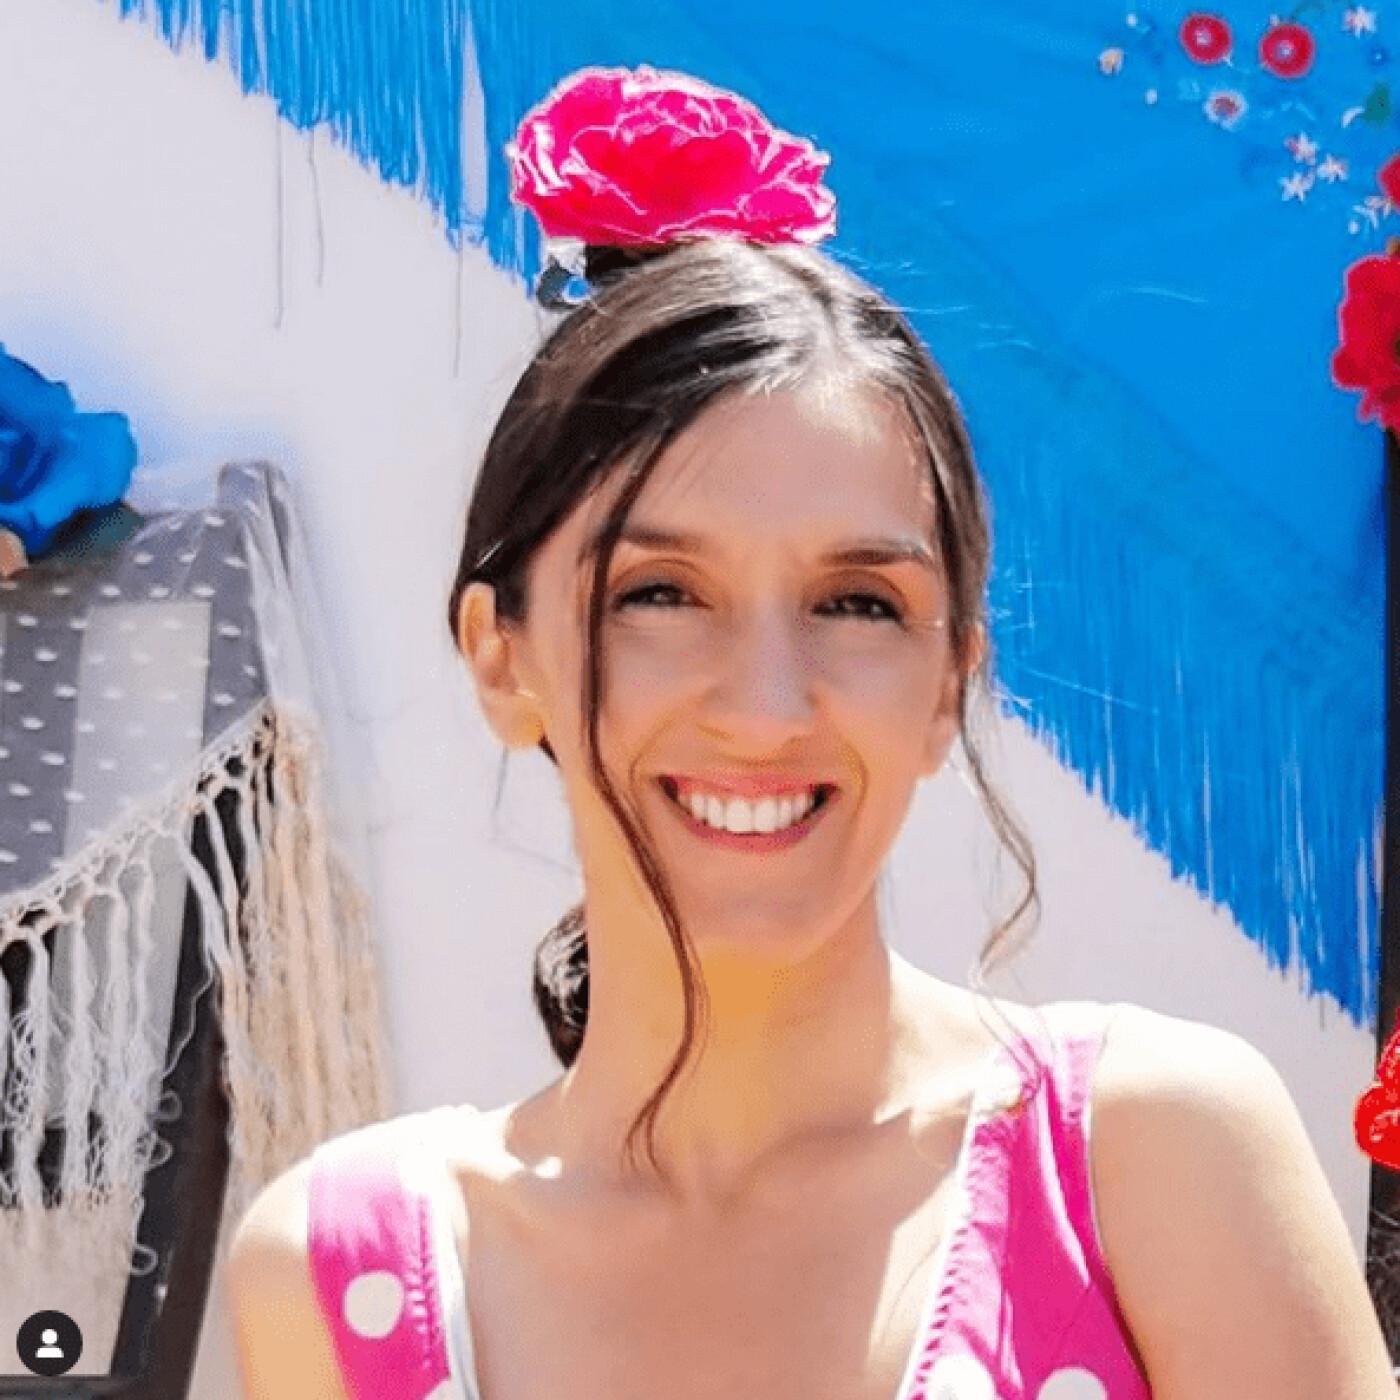 Coralie parle passionnément de l'Andalousie, Espagne - 19 05 2021 - StereoChic Radio